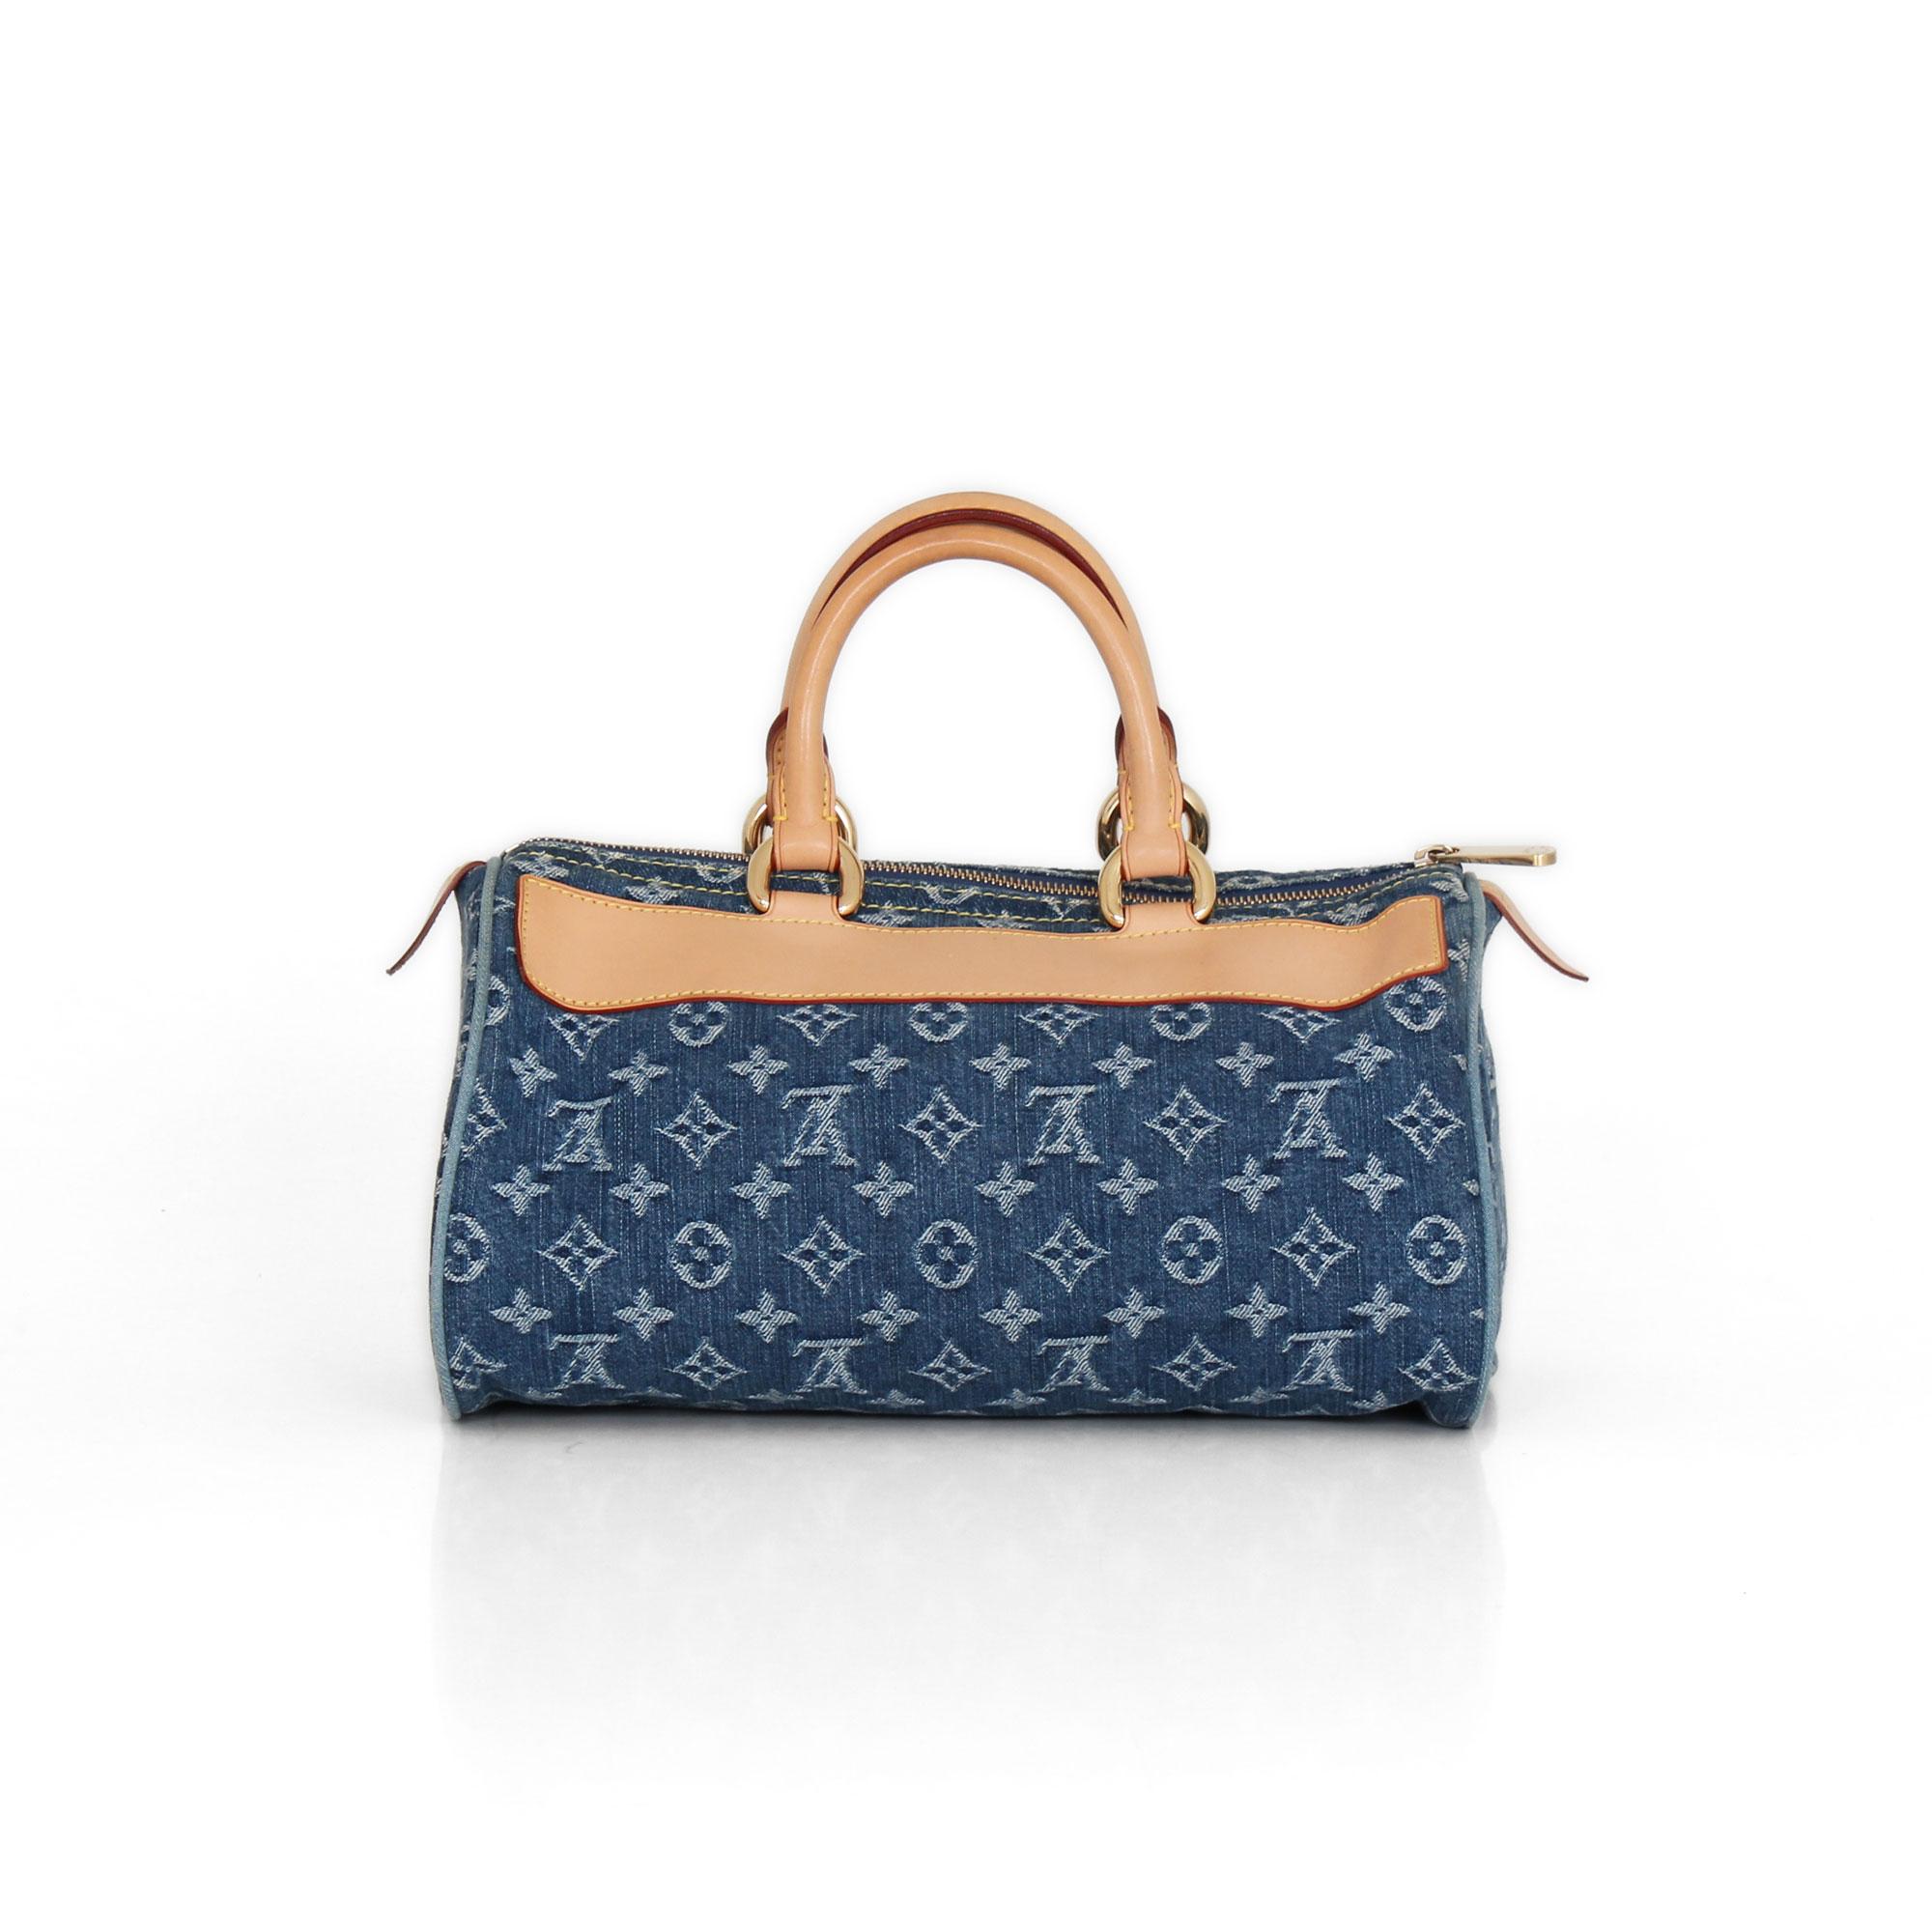 Louis Vuitton Neo Sdy Bag